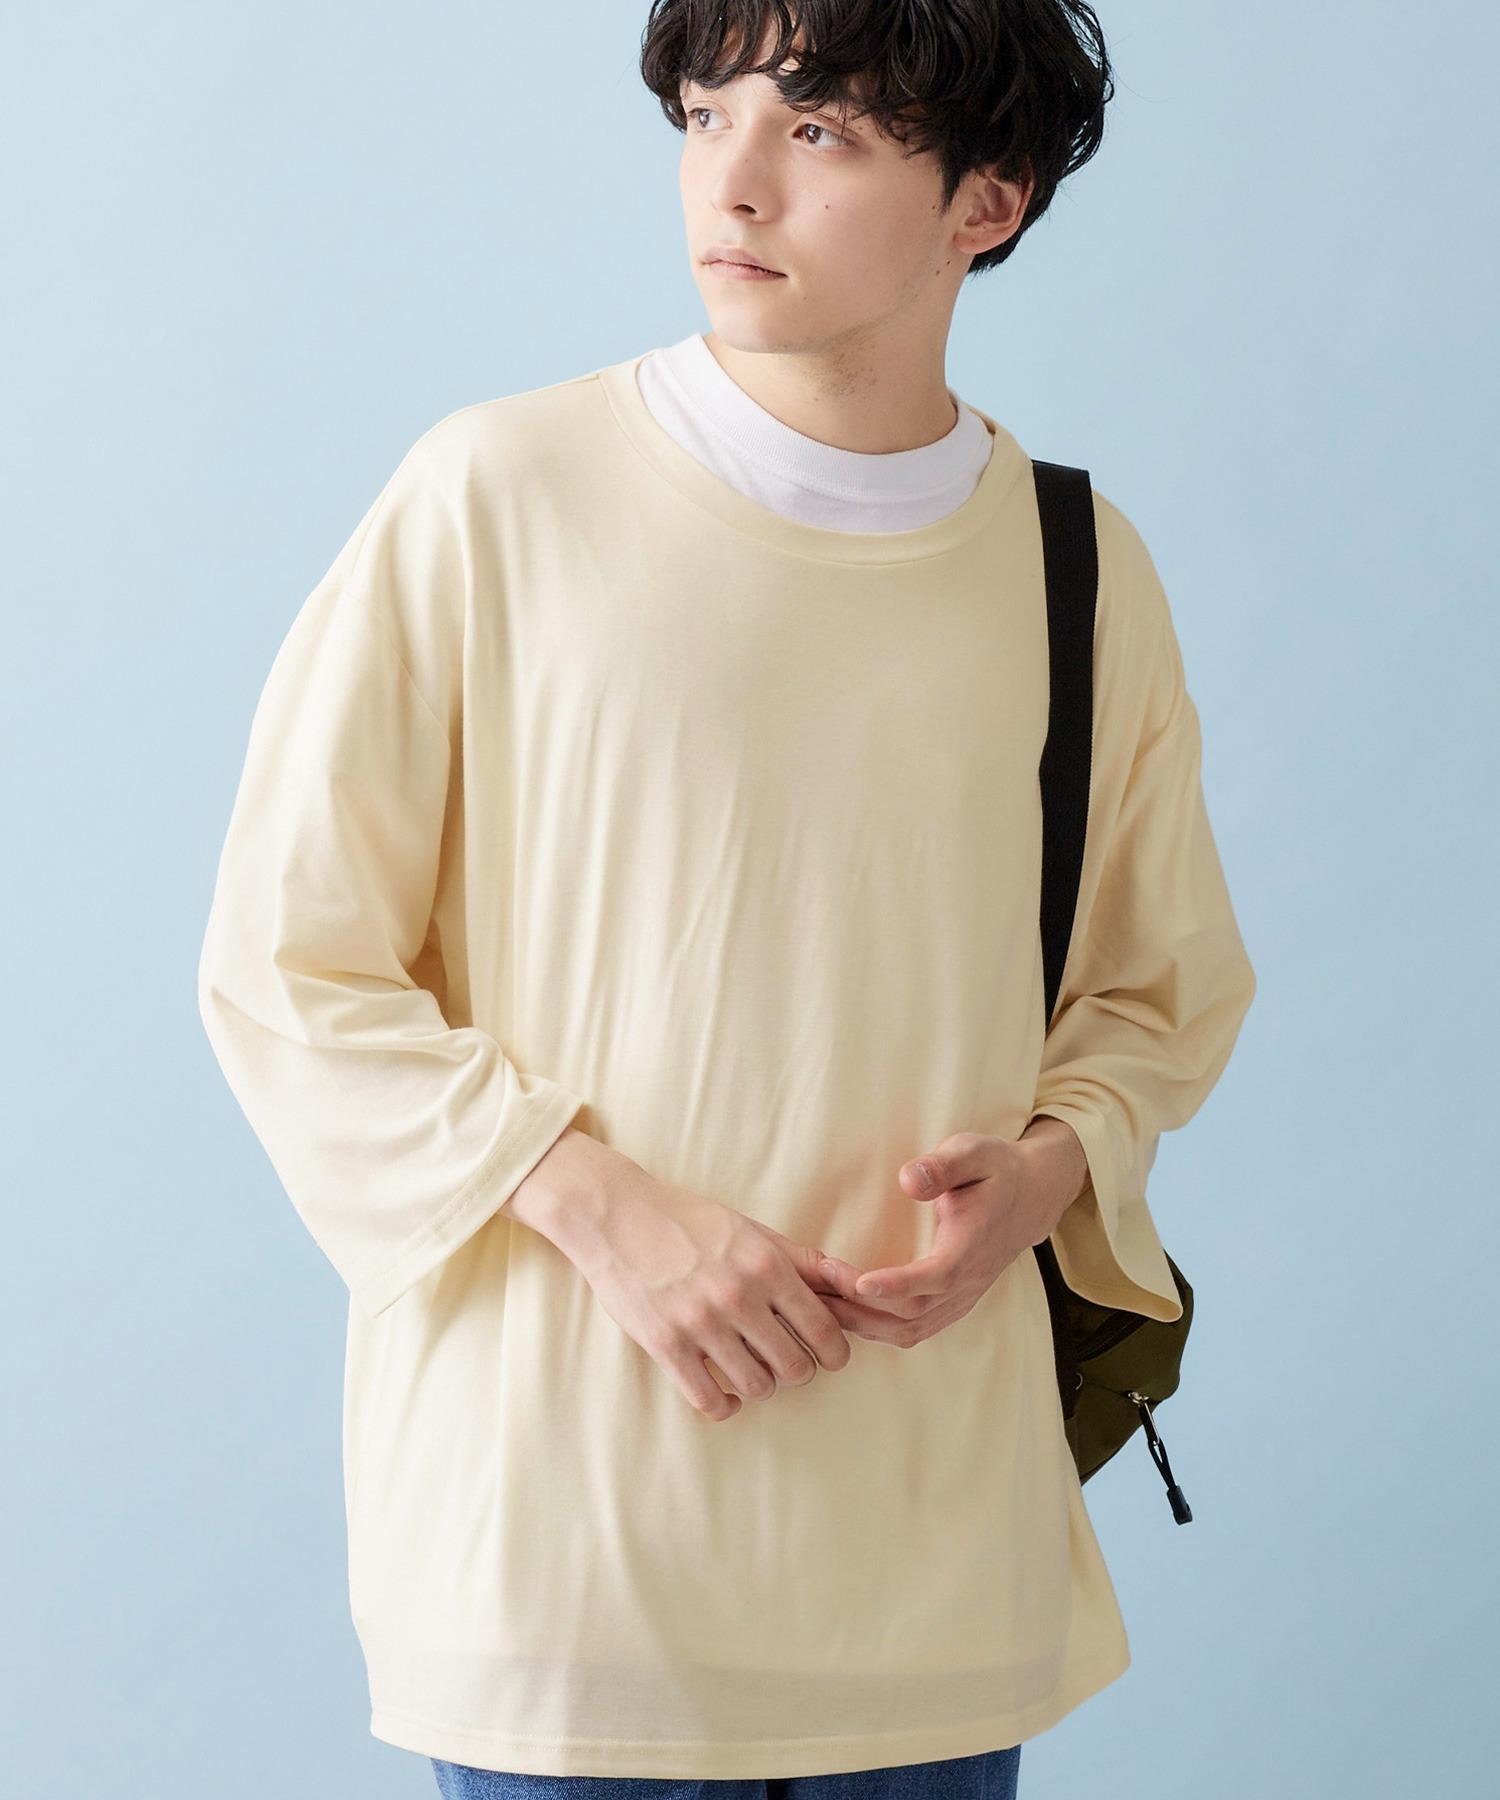 ビッグシルエットドロップショルダー ビッグシルエット とろみカットソー(summer sleeve)